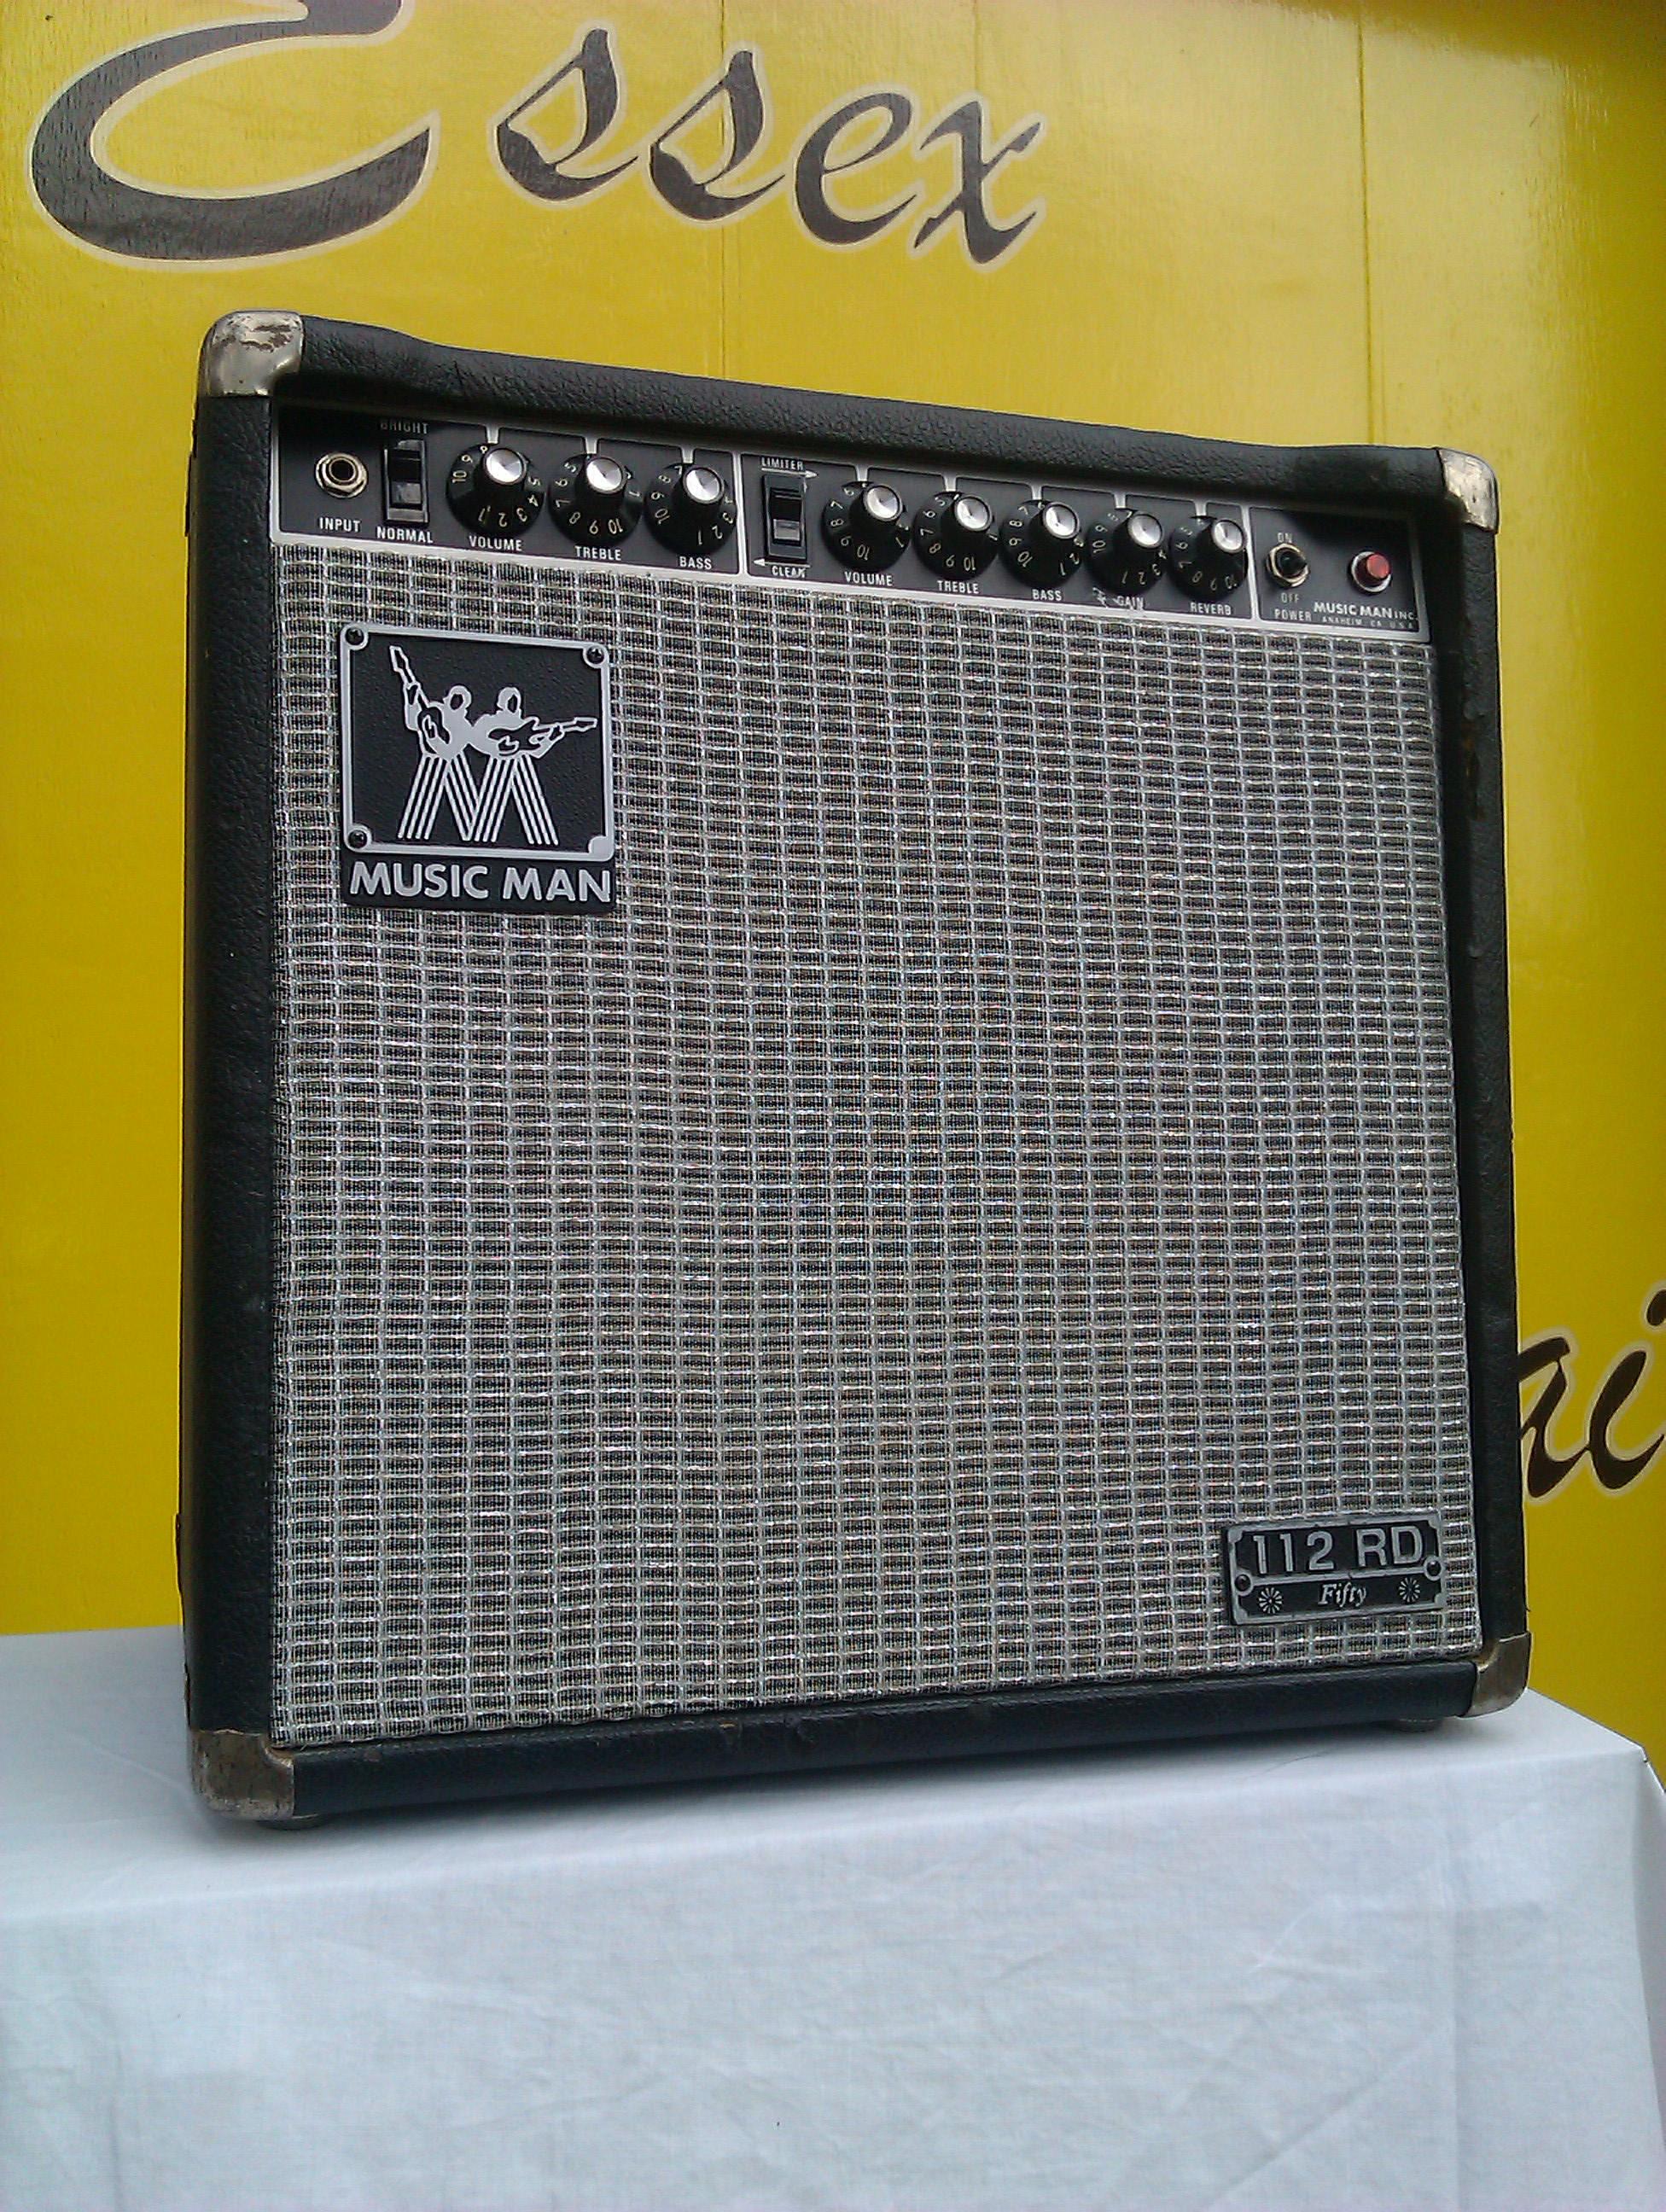 Fender after Fender....